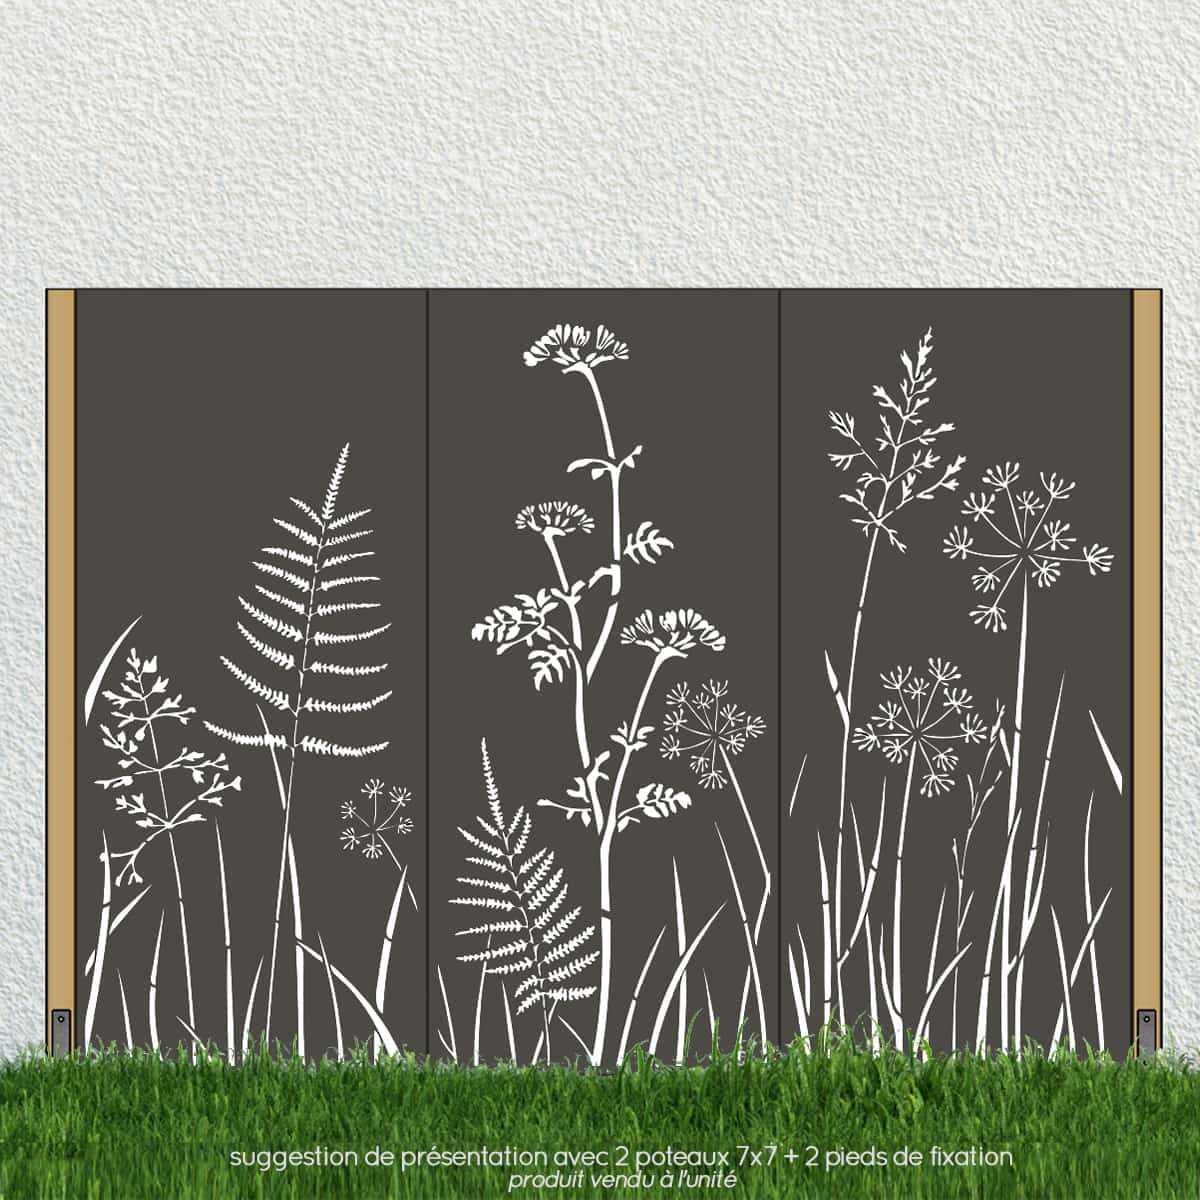 panneau decoratif exterieur en metal h 180cm motif fleurs vente au meilleur prix jardins